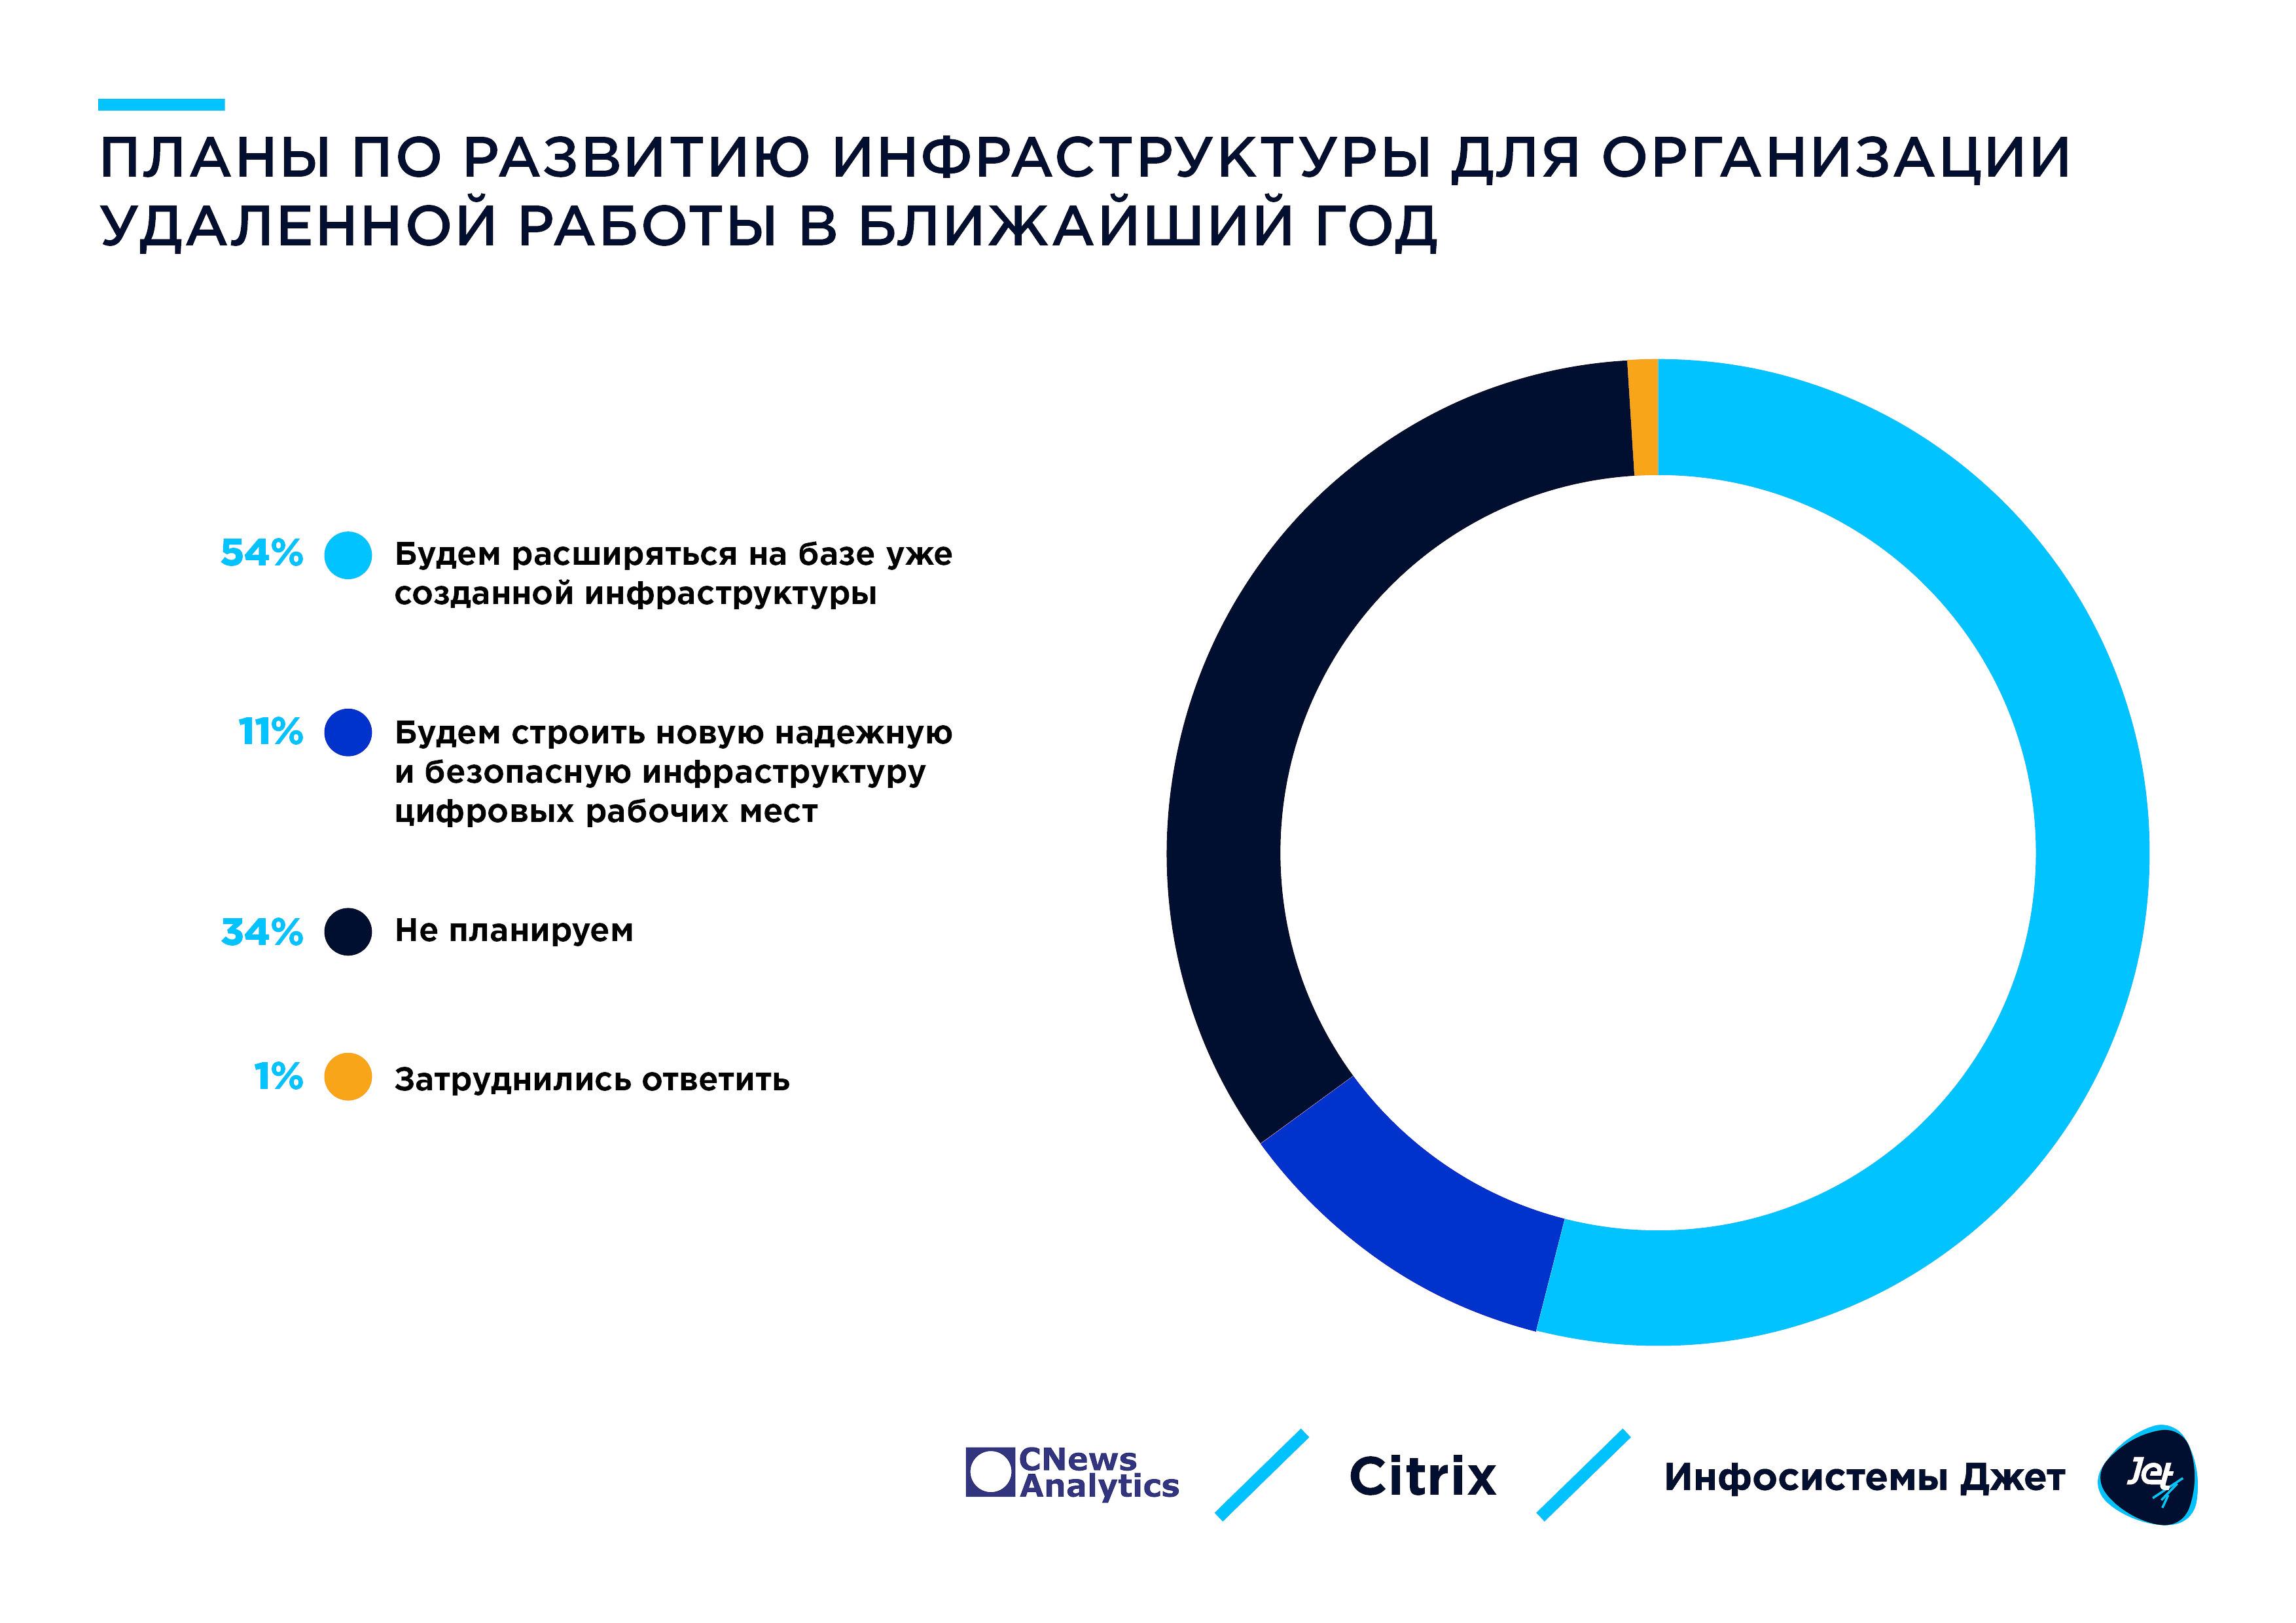 6_plany_po_razvitiyu_infry_v_2021.jpg